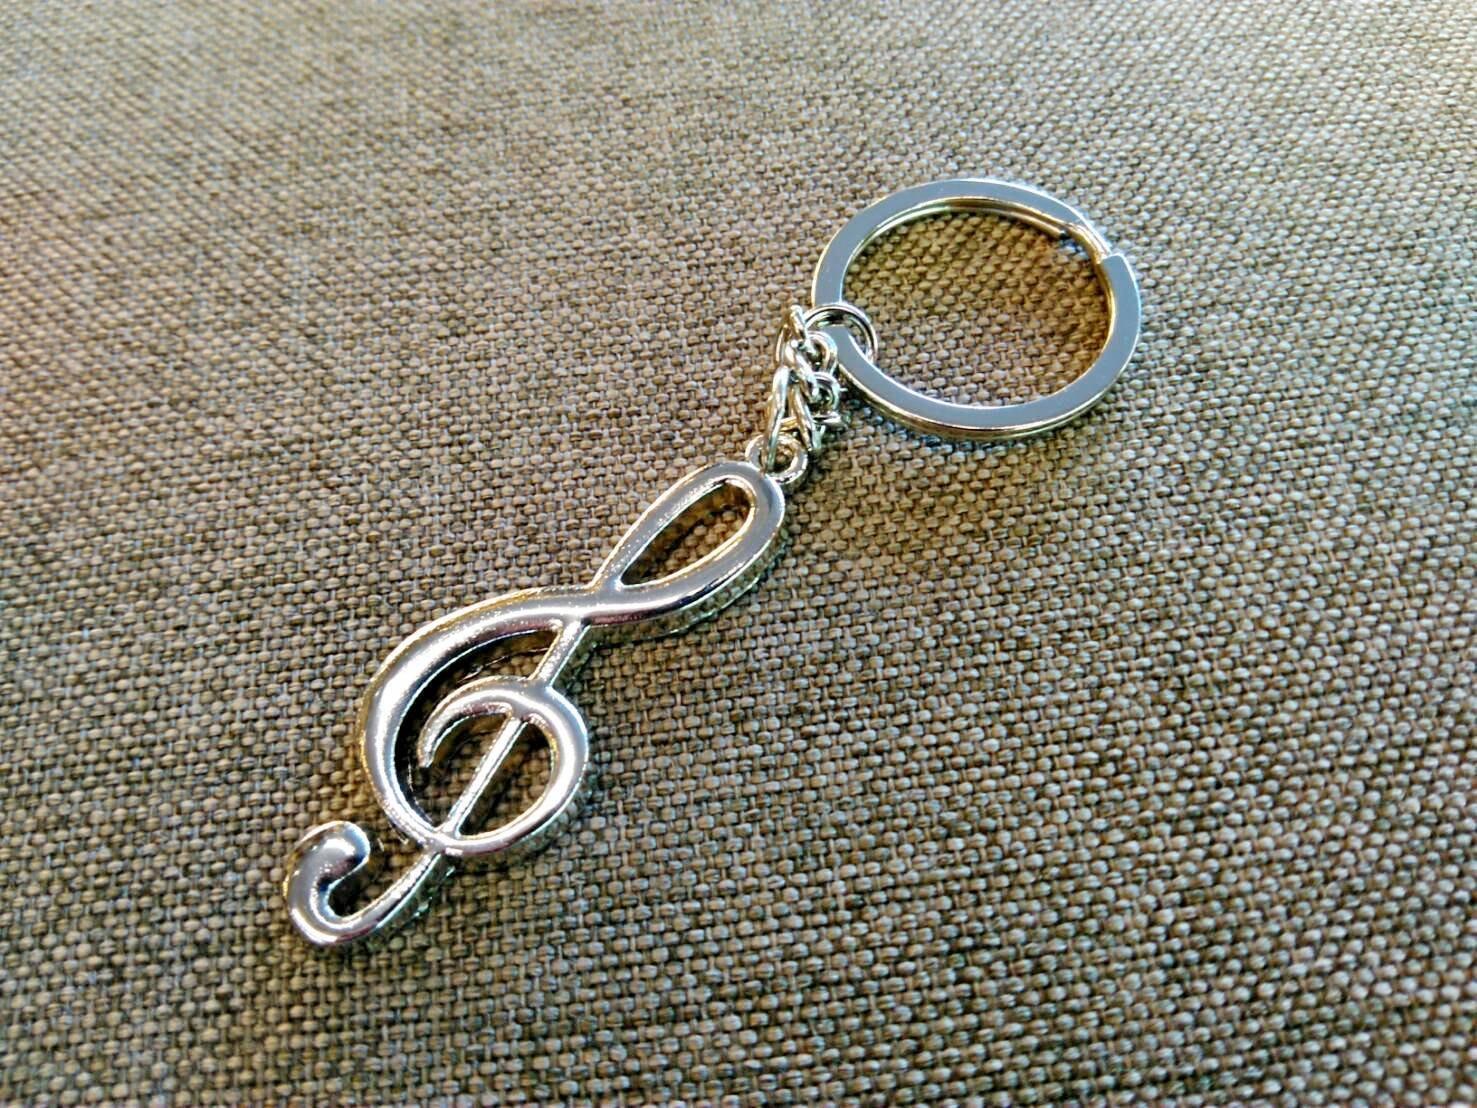 【老羊樂器店】金屬 譜號 音符 鑰匙圈 吊飾 飾品